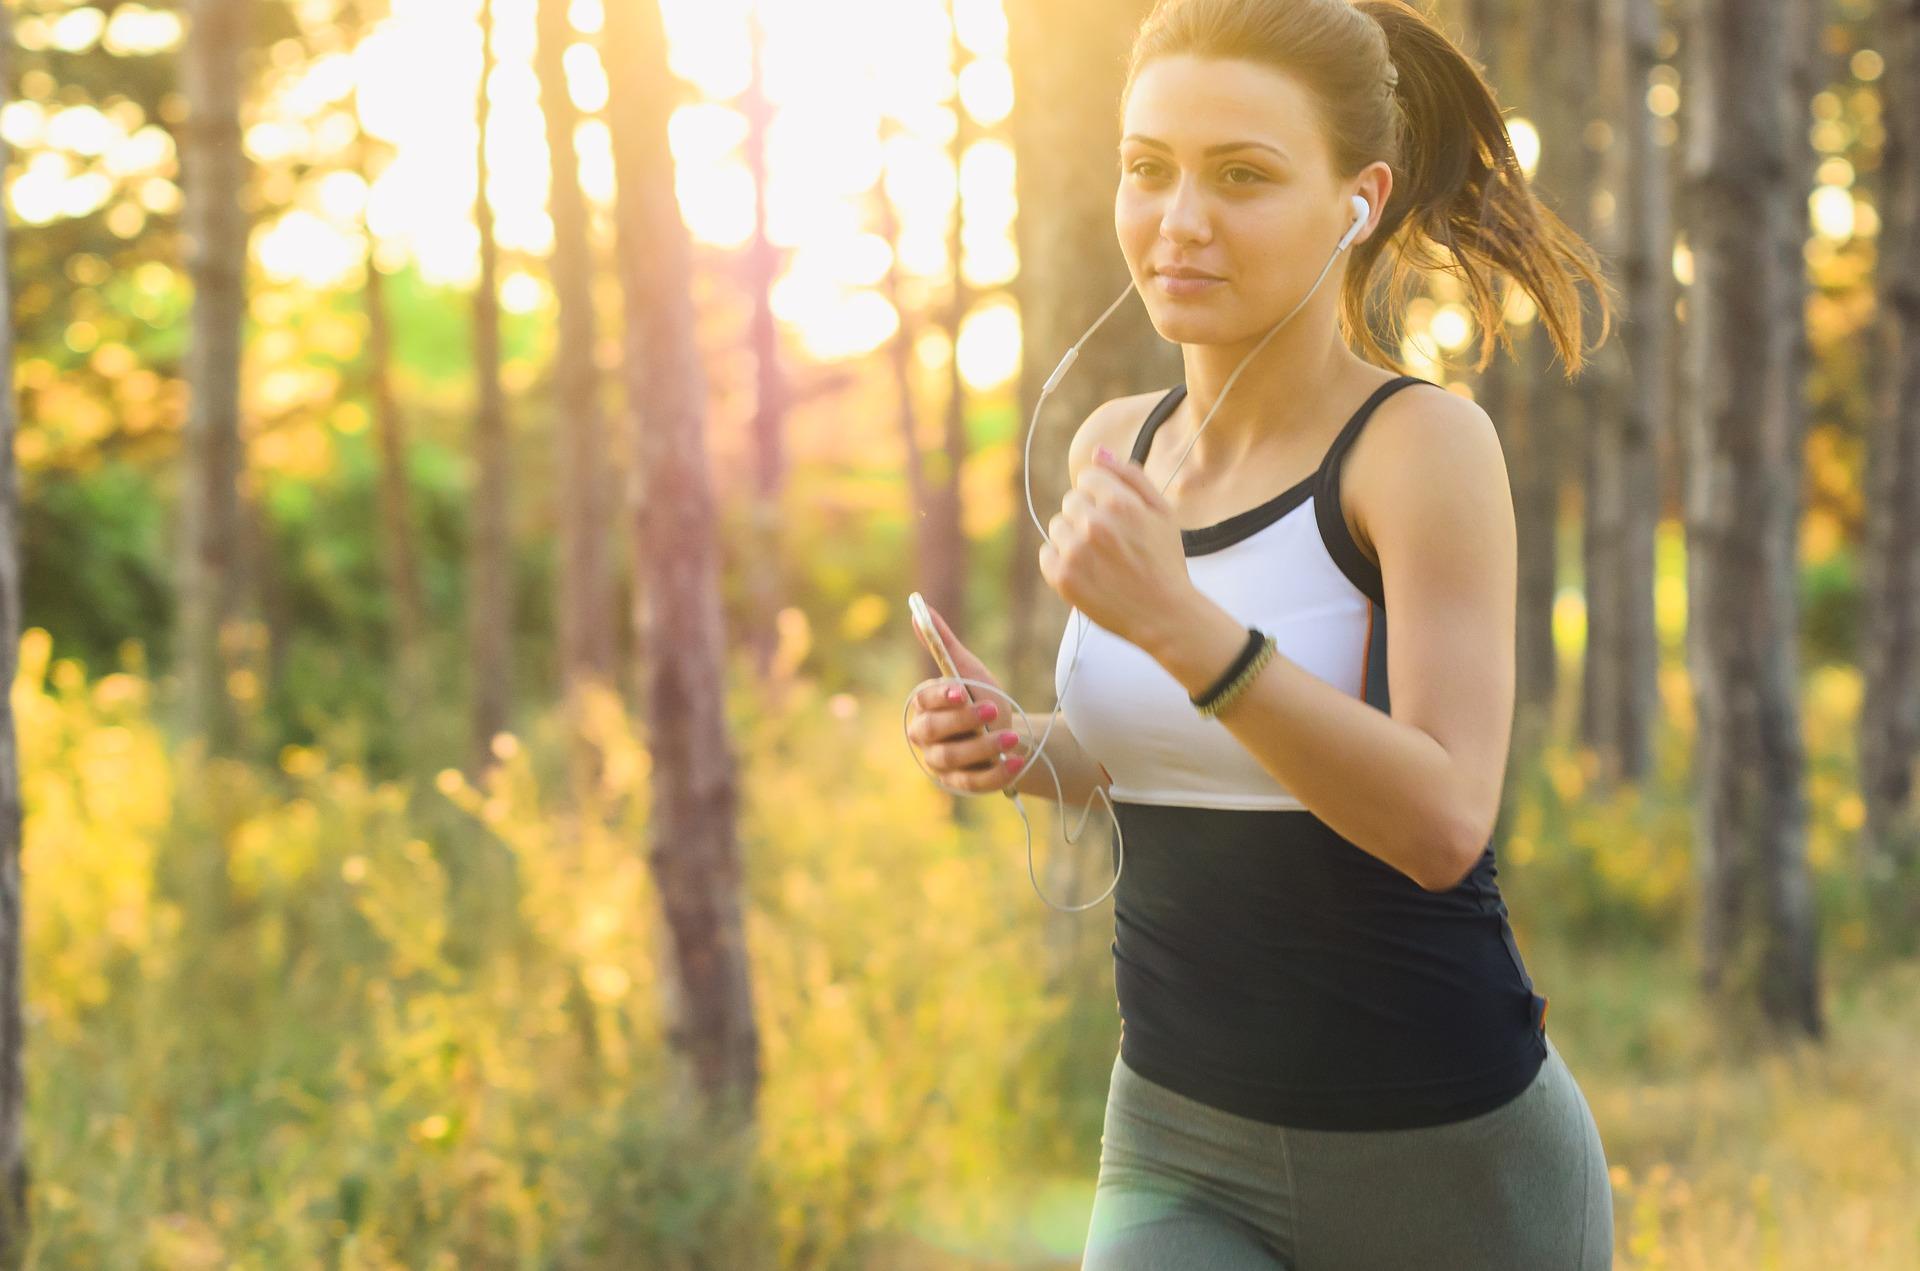 Faire du sport à jeun : bonne ou mauvaise idée ?